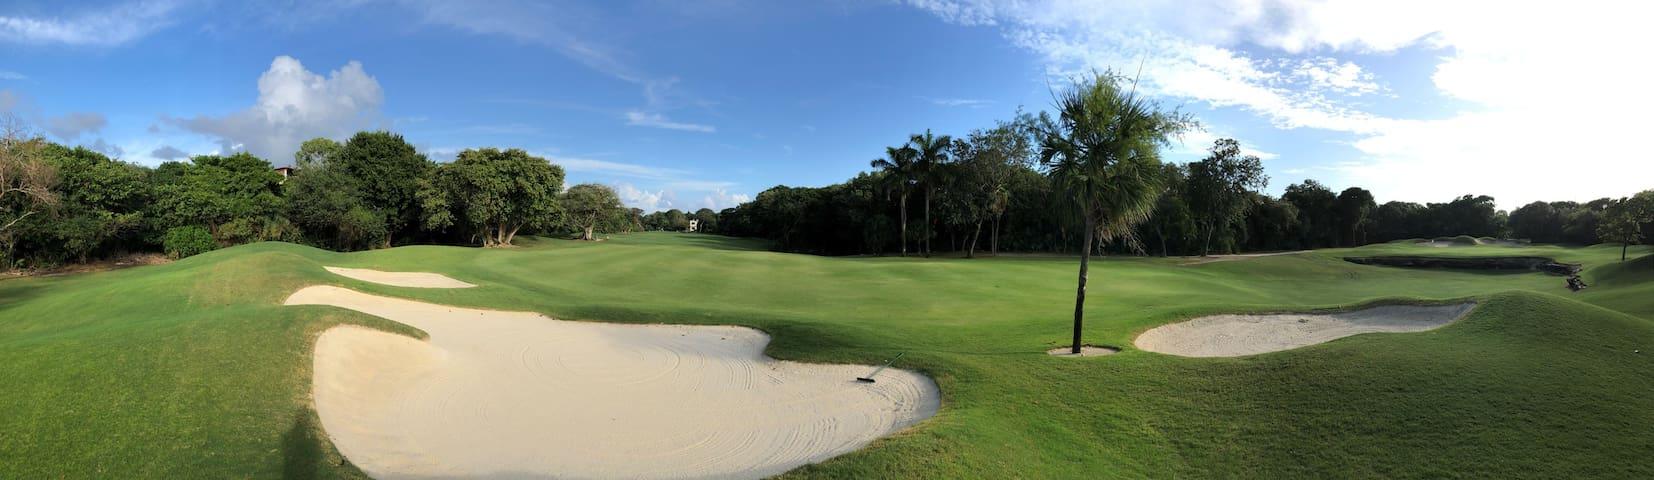 SUITE PLAYACAR -Condominio frente al campo de golf